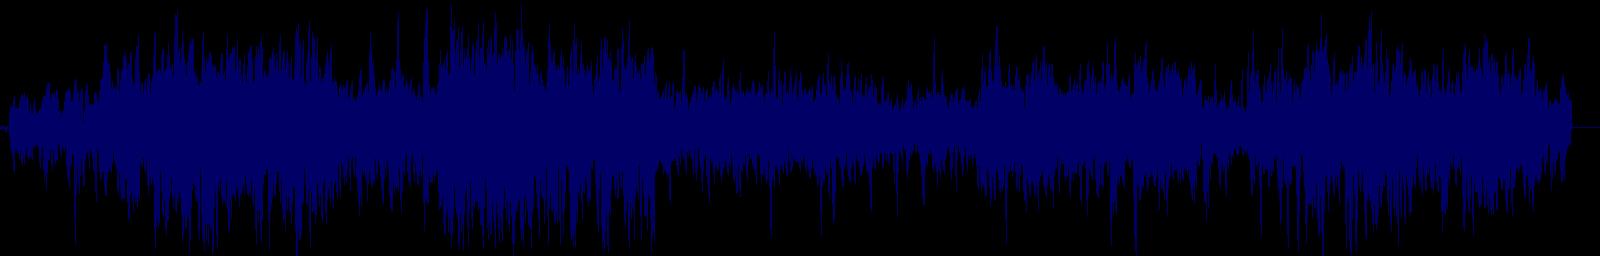 waveform of track #152622